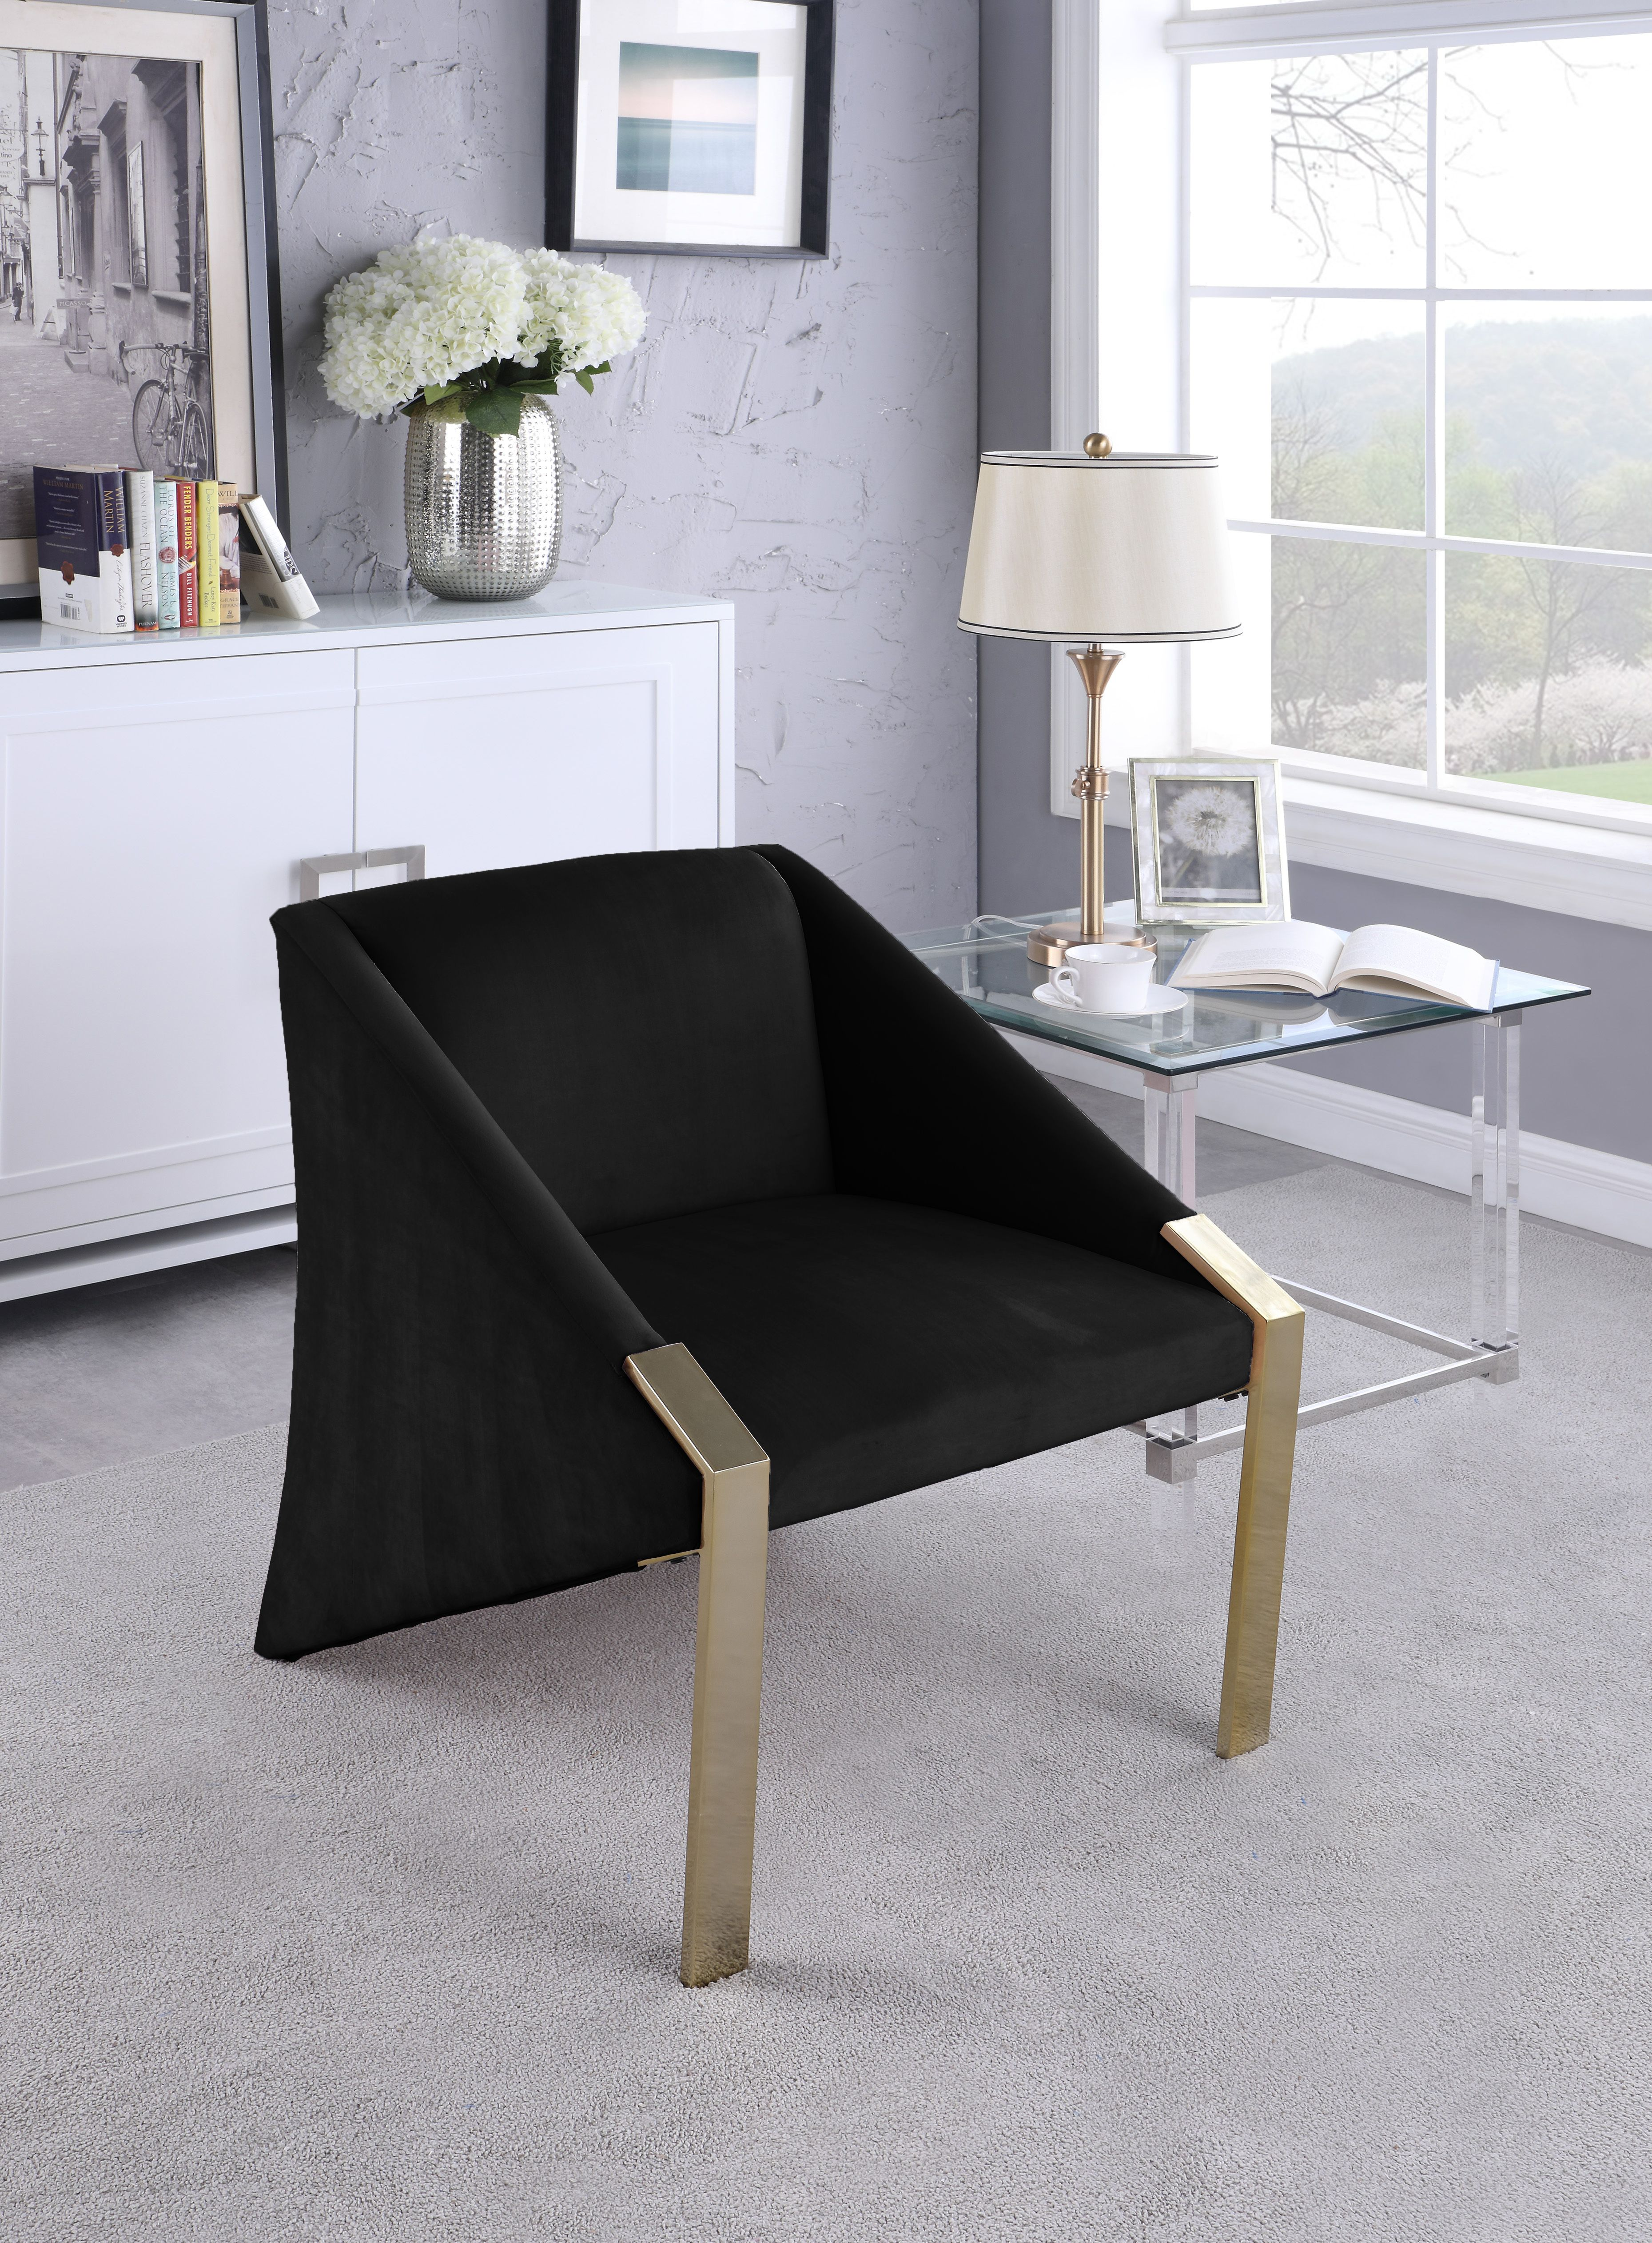 Meridian Rivet Black Acccent Gold / Velvet Chair In